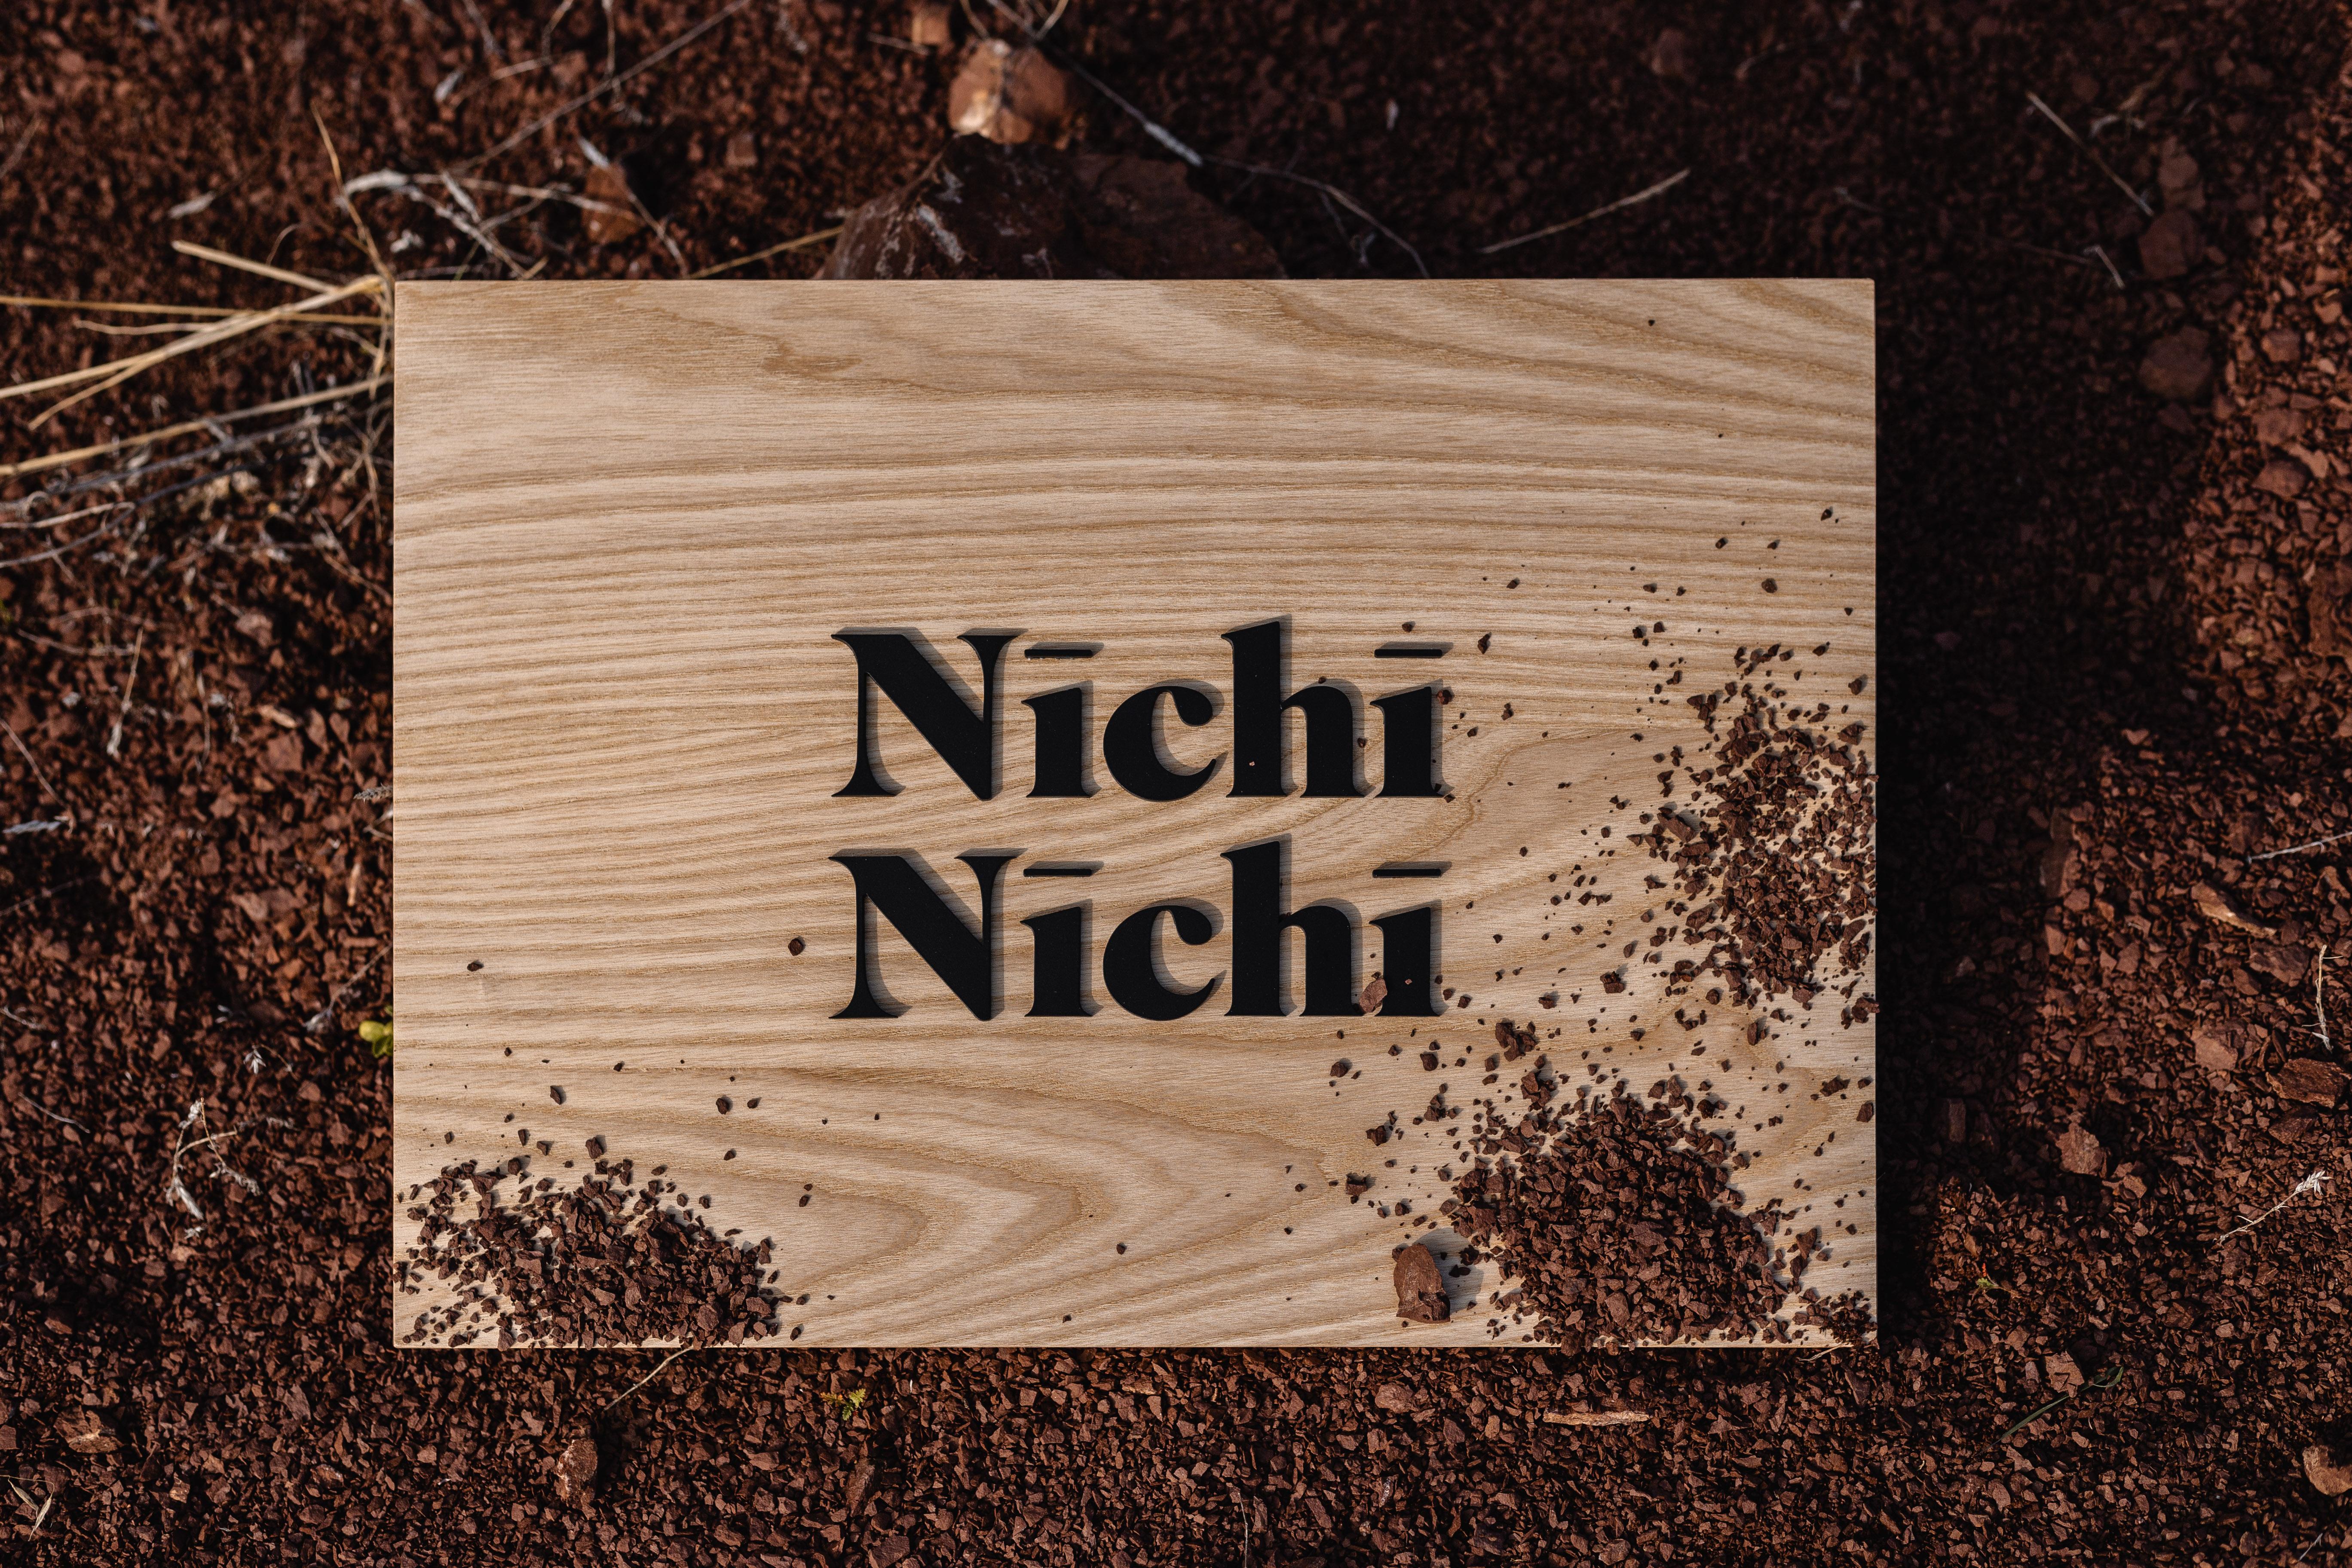 Nichi-Nichi-35-1